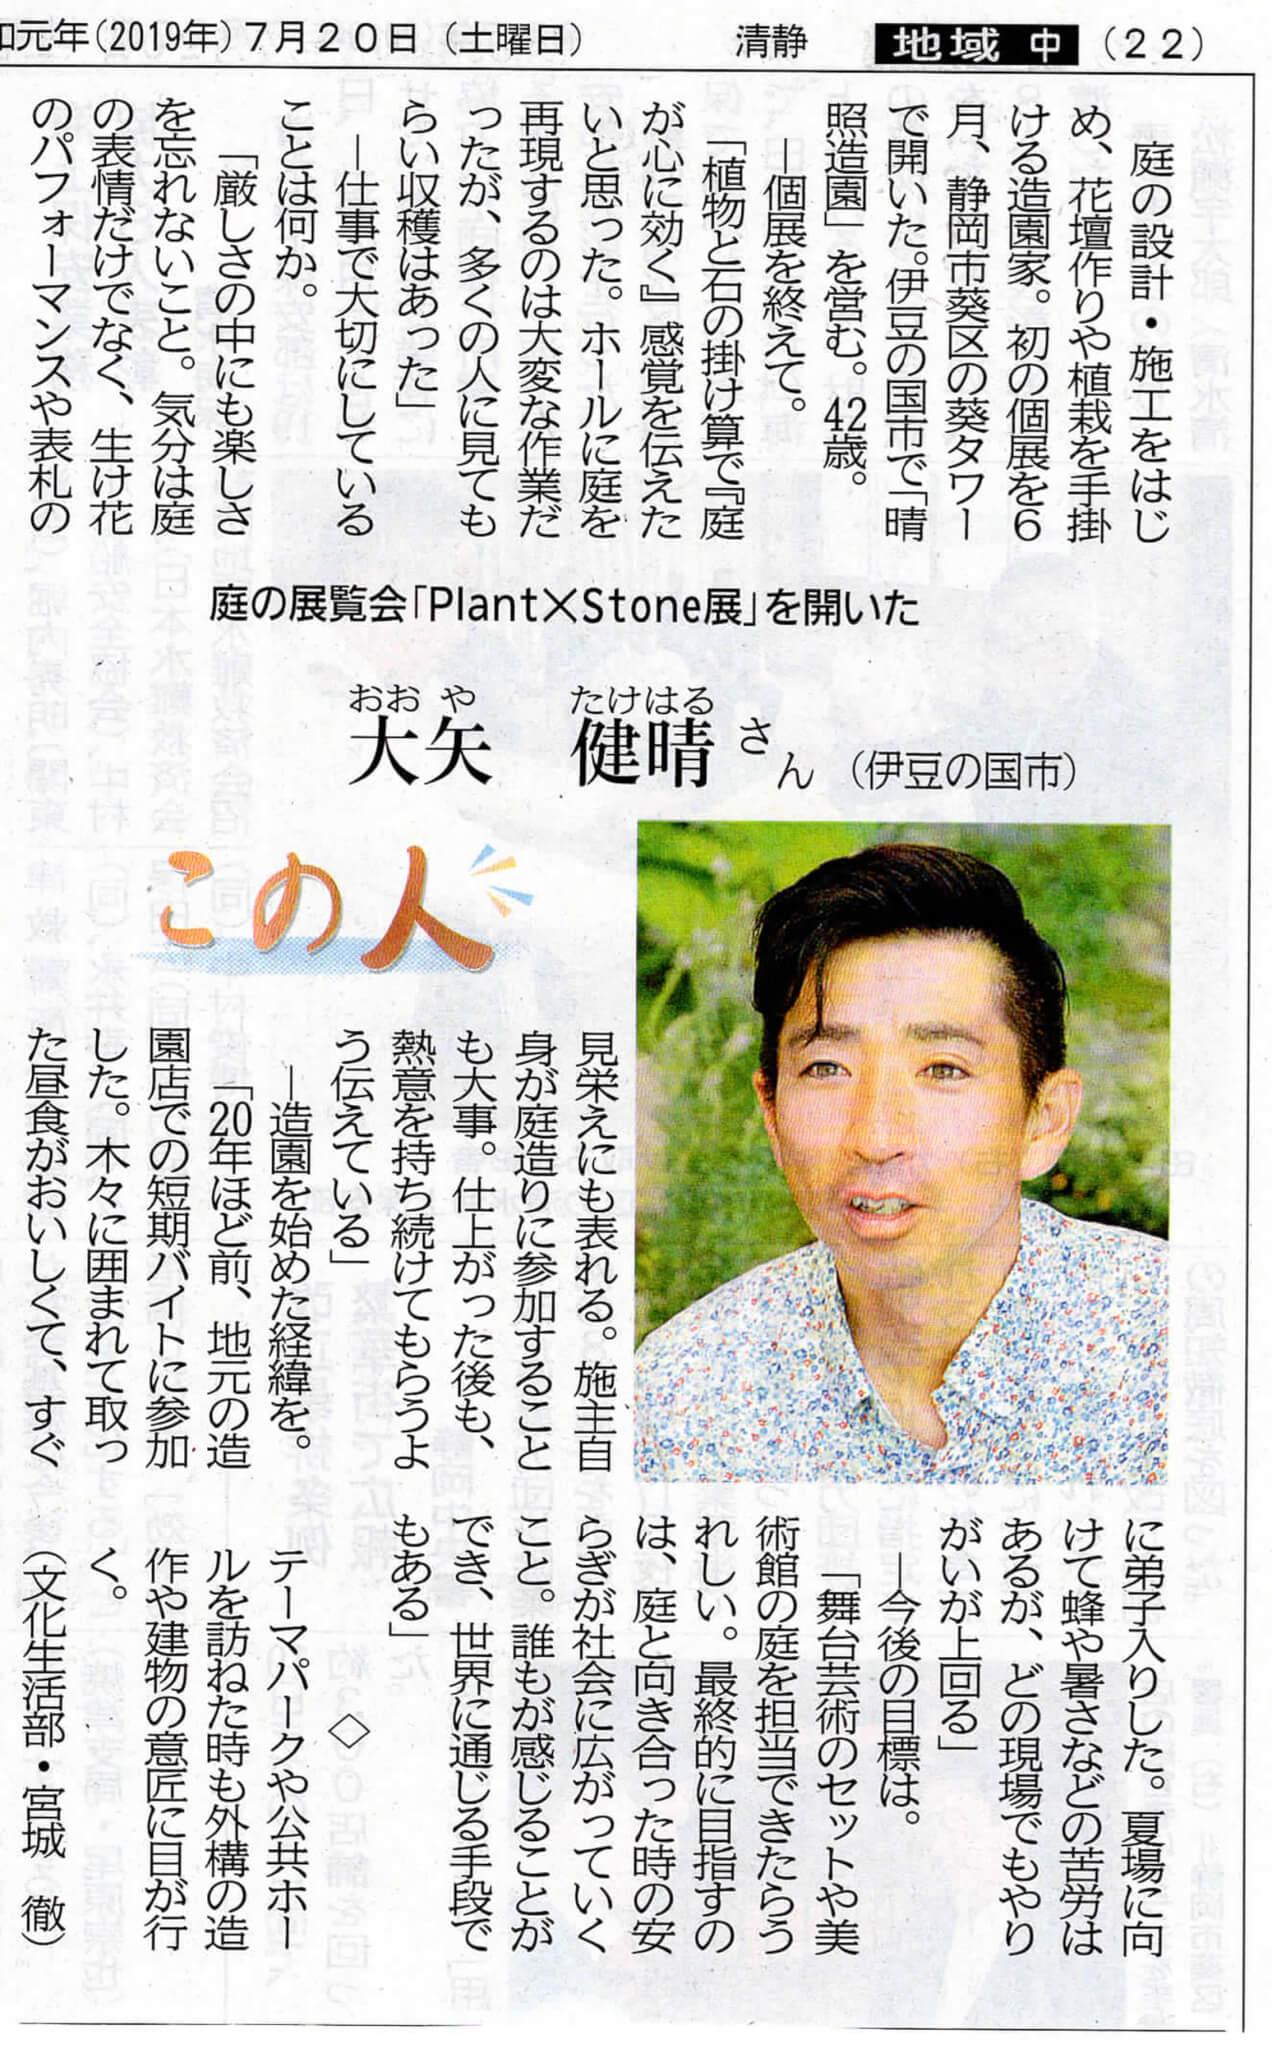 静岡新聞「この人」に掲載して頂きました。